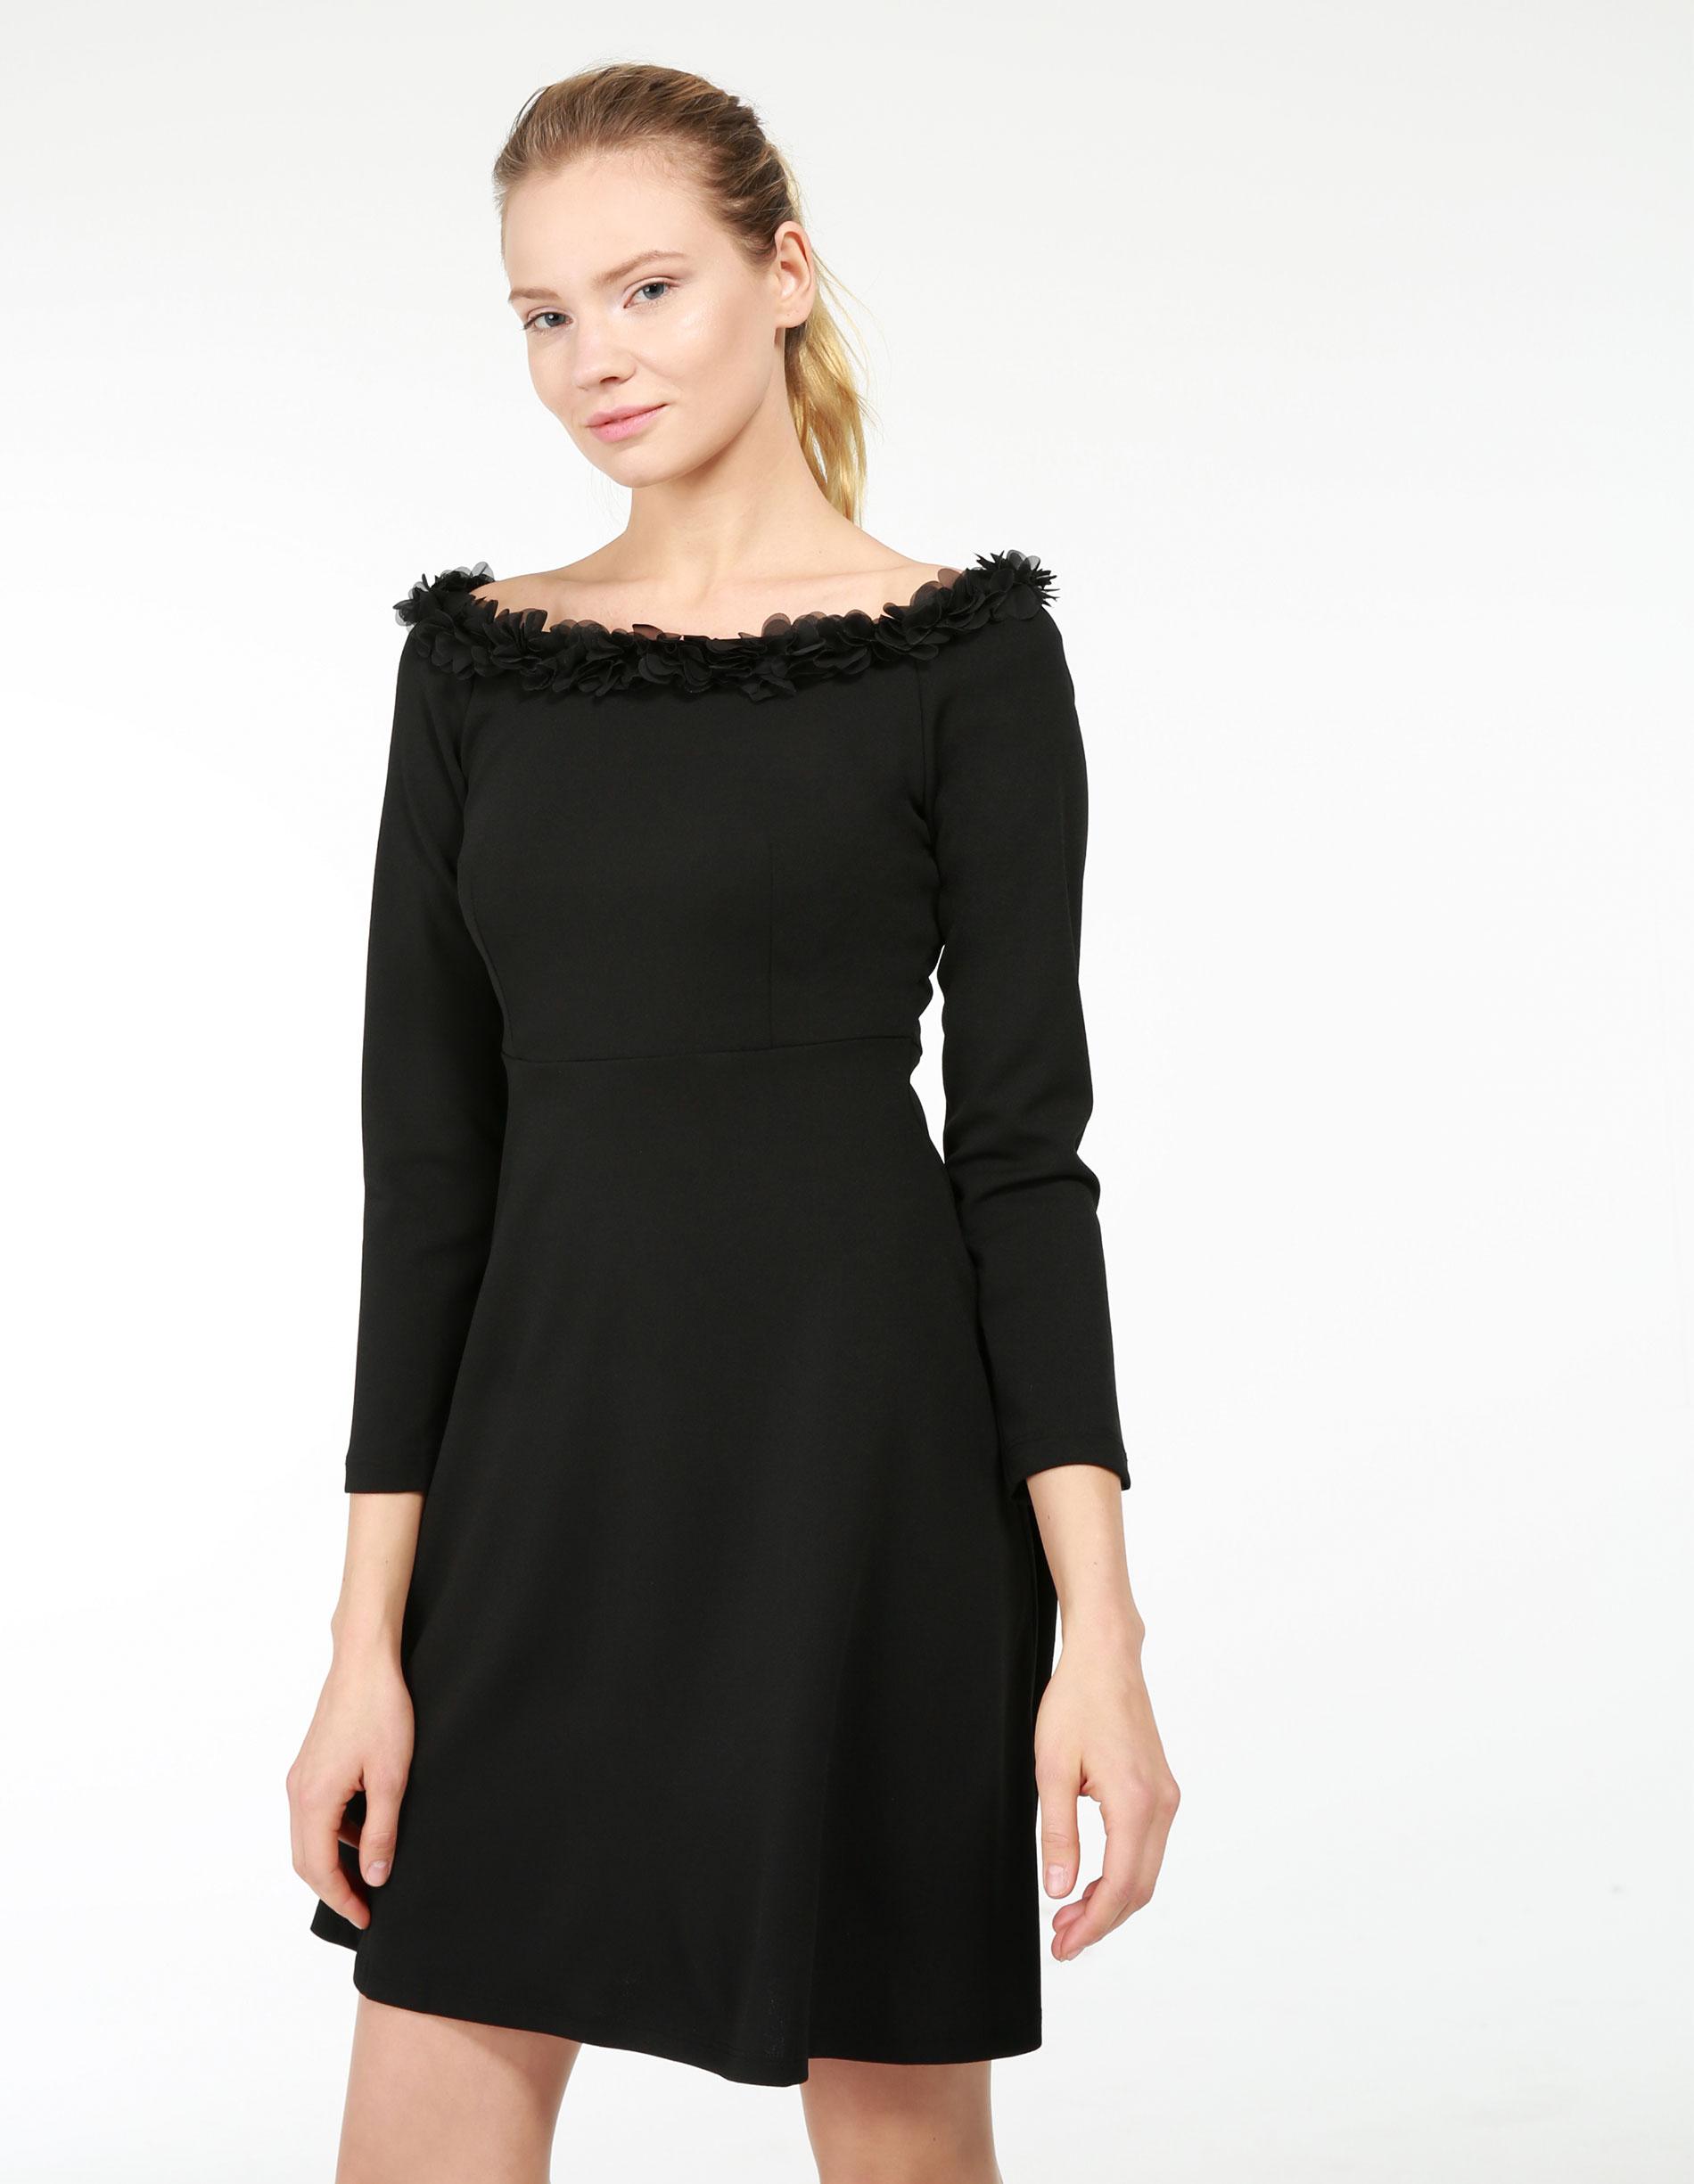 Sukienka - 46-23044 NERO - Unisono